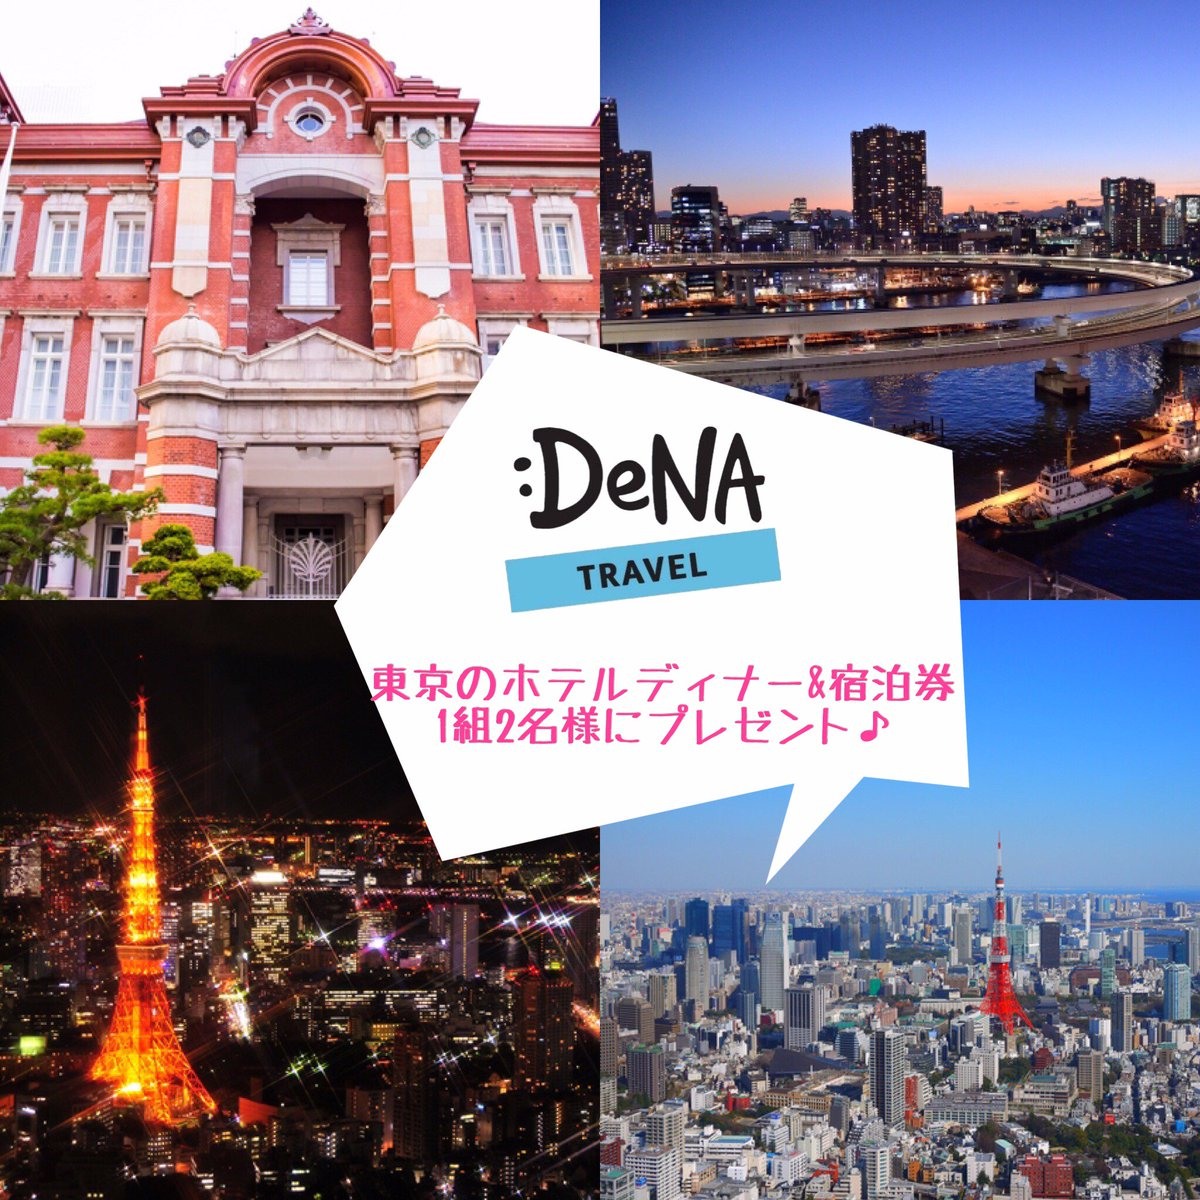 【フォロー&RT応募完了】#DeNAトラベル の #リツイートキャンペーン♪ 東京都内のホテルディナー&宿泊券を抽選で1組2名様にプレゼント(6/1締切)。東京観光をはじめ、#女子会 や記念日にも利用OK♡※当選者様はDMにてご連絡 https://t.co/4uEYfC0sa7